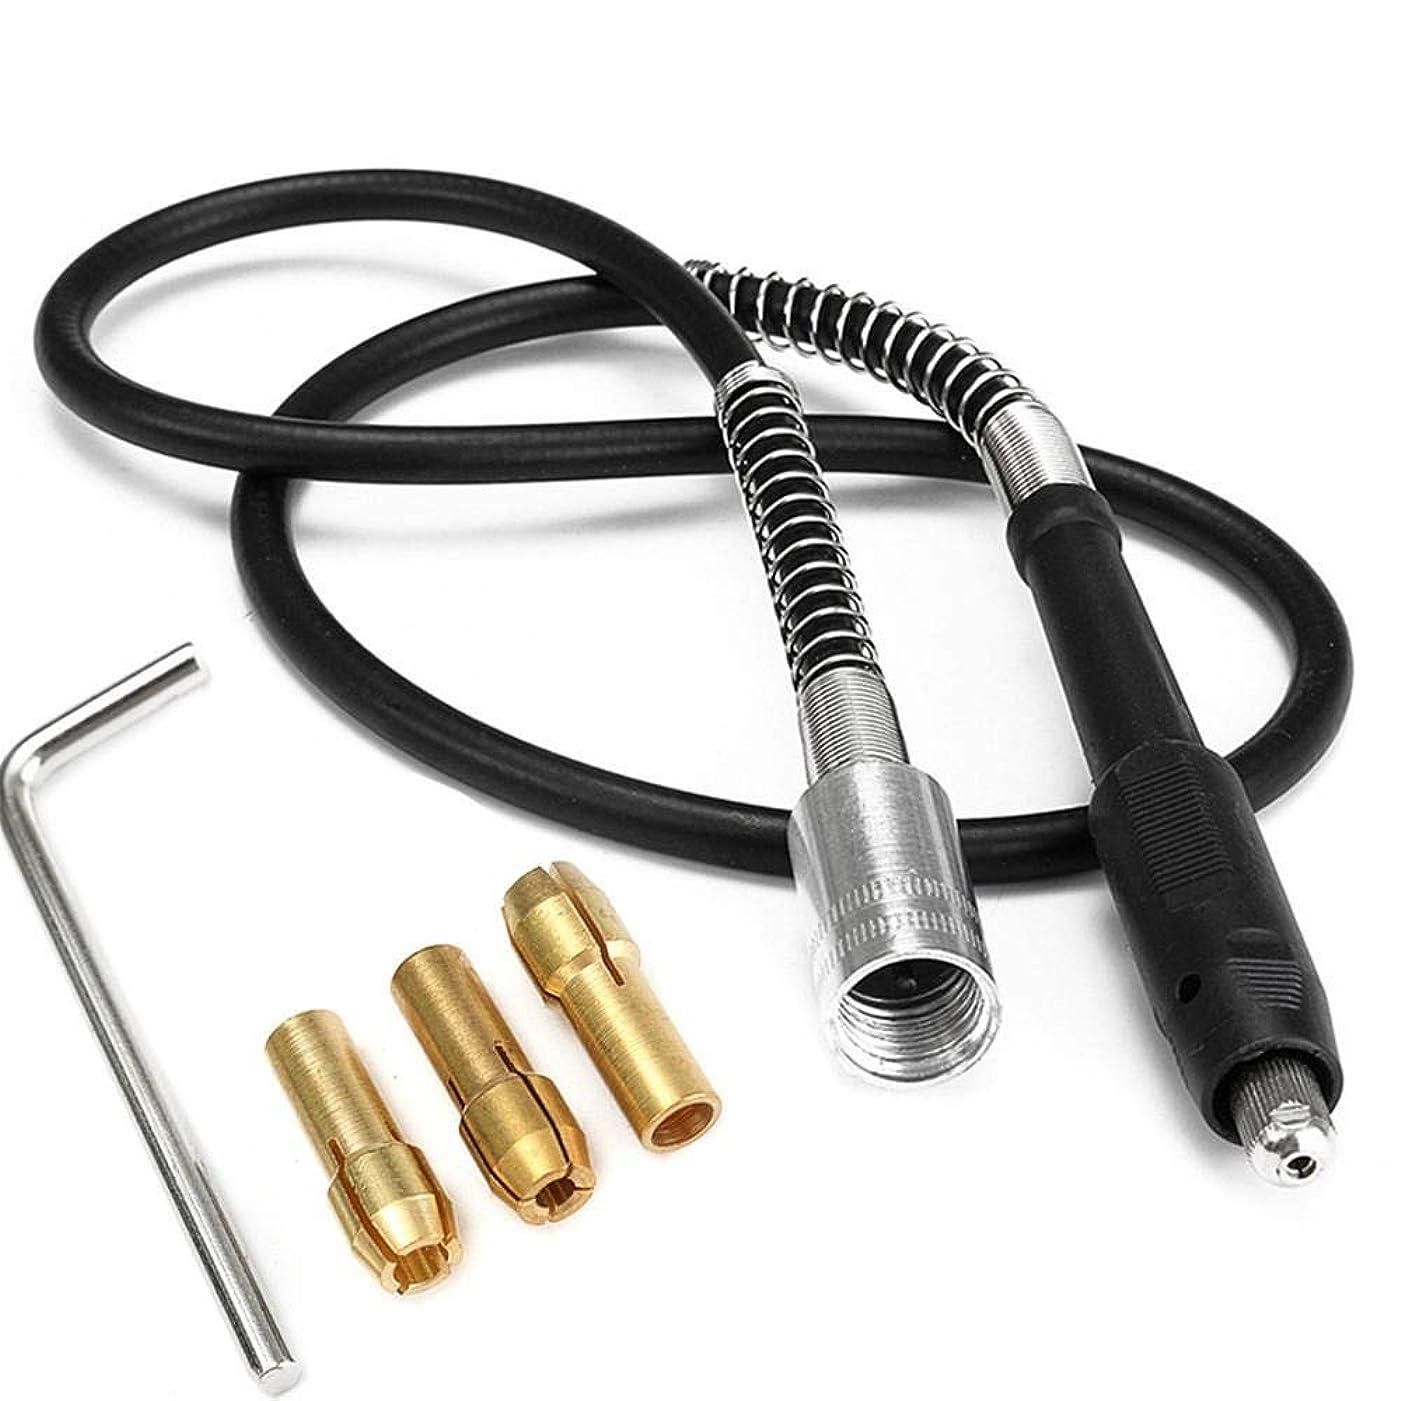 溶融誘惑する準備するHonana 42インチM19x2mm 107センチメートルコード付き電気柔軟なシャフト用電源回転工具のドリルチャック 工業用ドリルビット